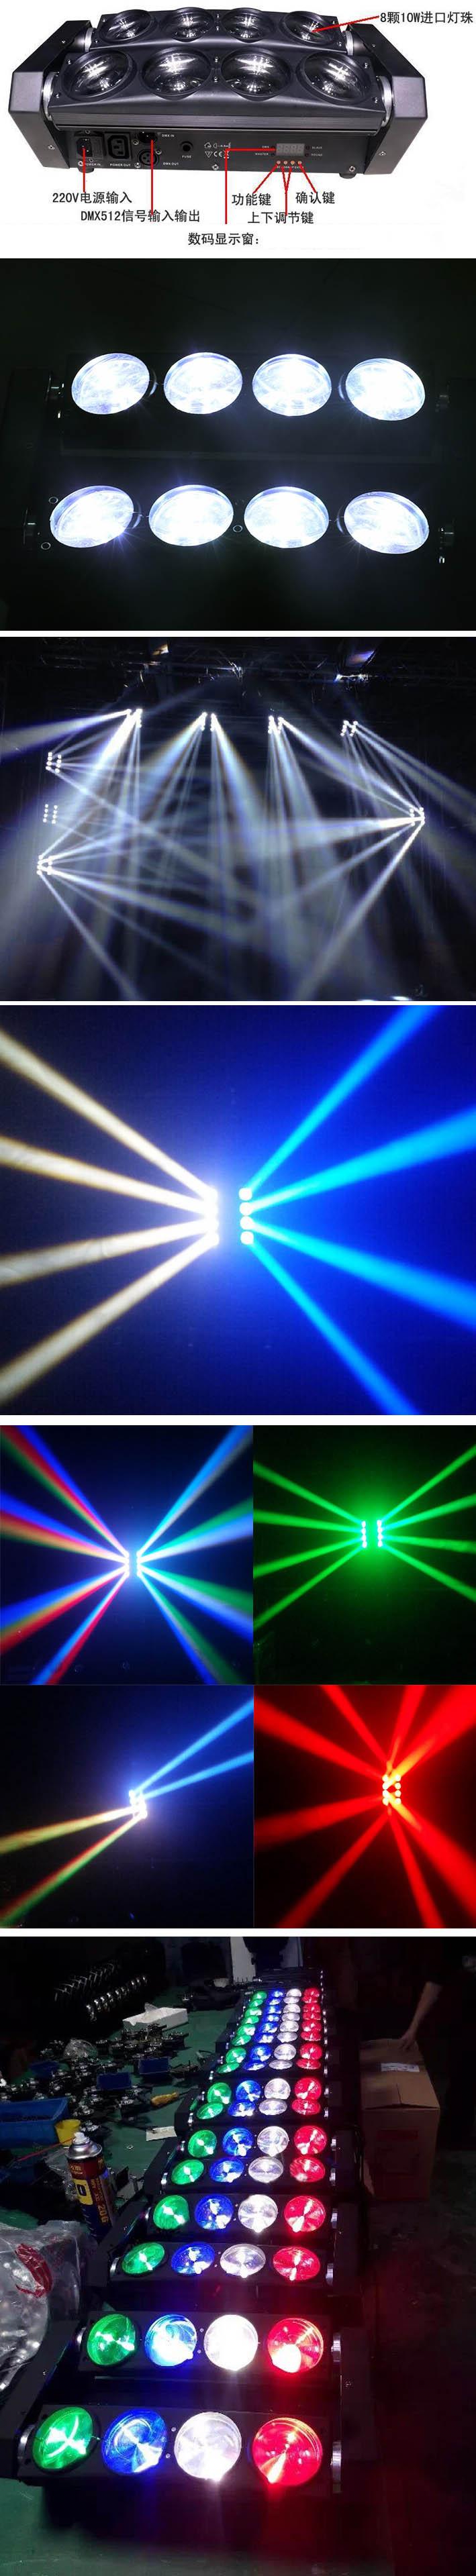 广州安迪舞台灯光音响设备有限公司: 舞台灯光,专业